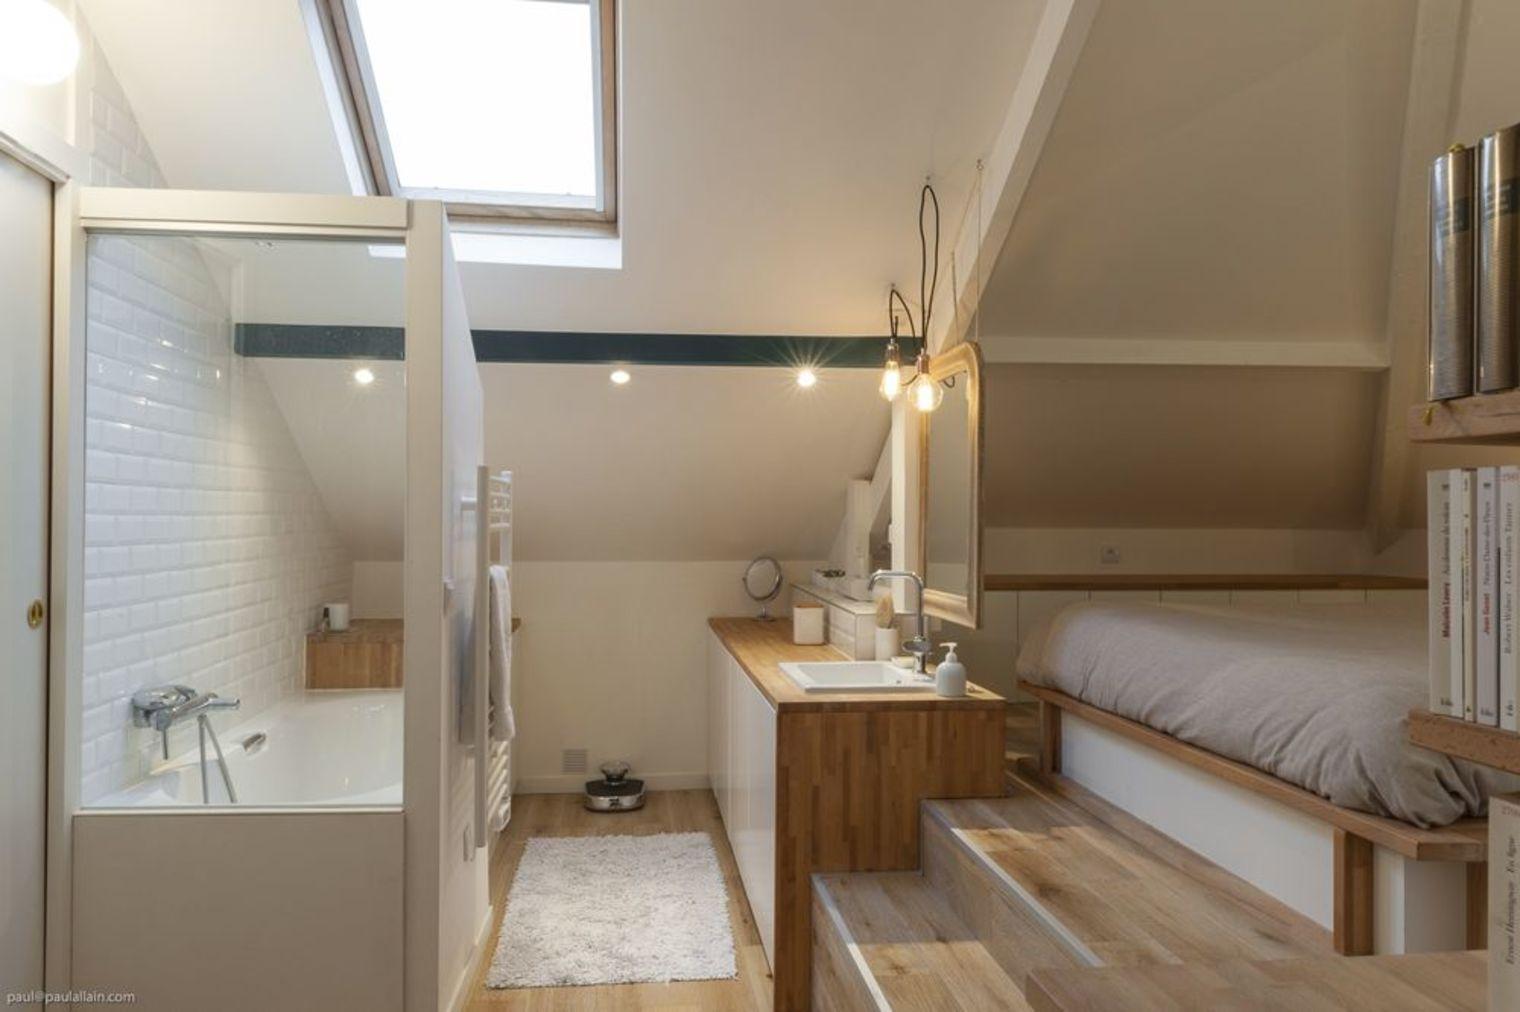 Combles am nag s une chambre avec salle de bains mezzanine attic and lofts - Amenagement chambre 20m2 ...